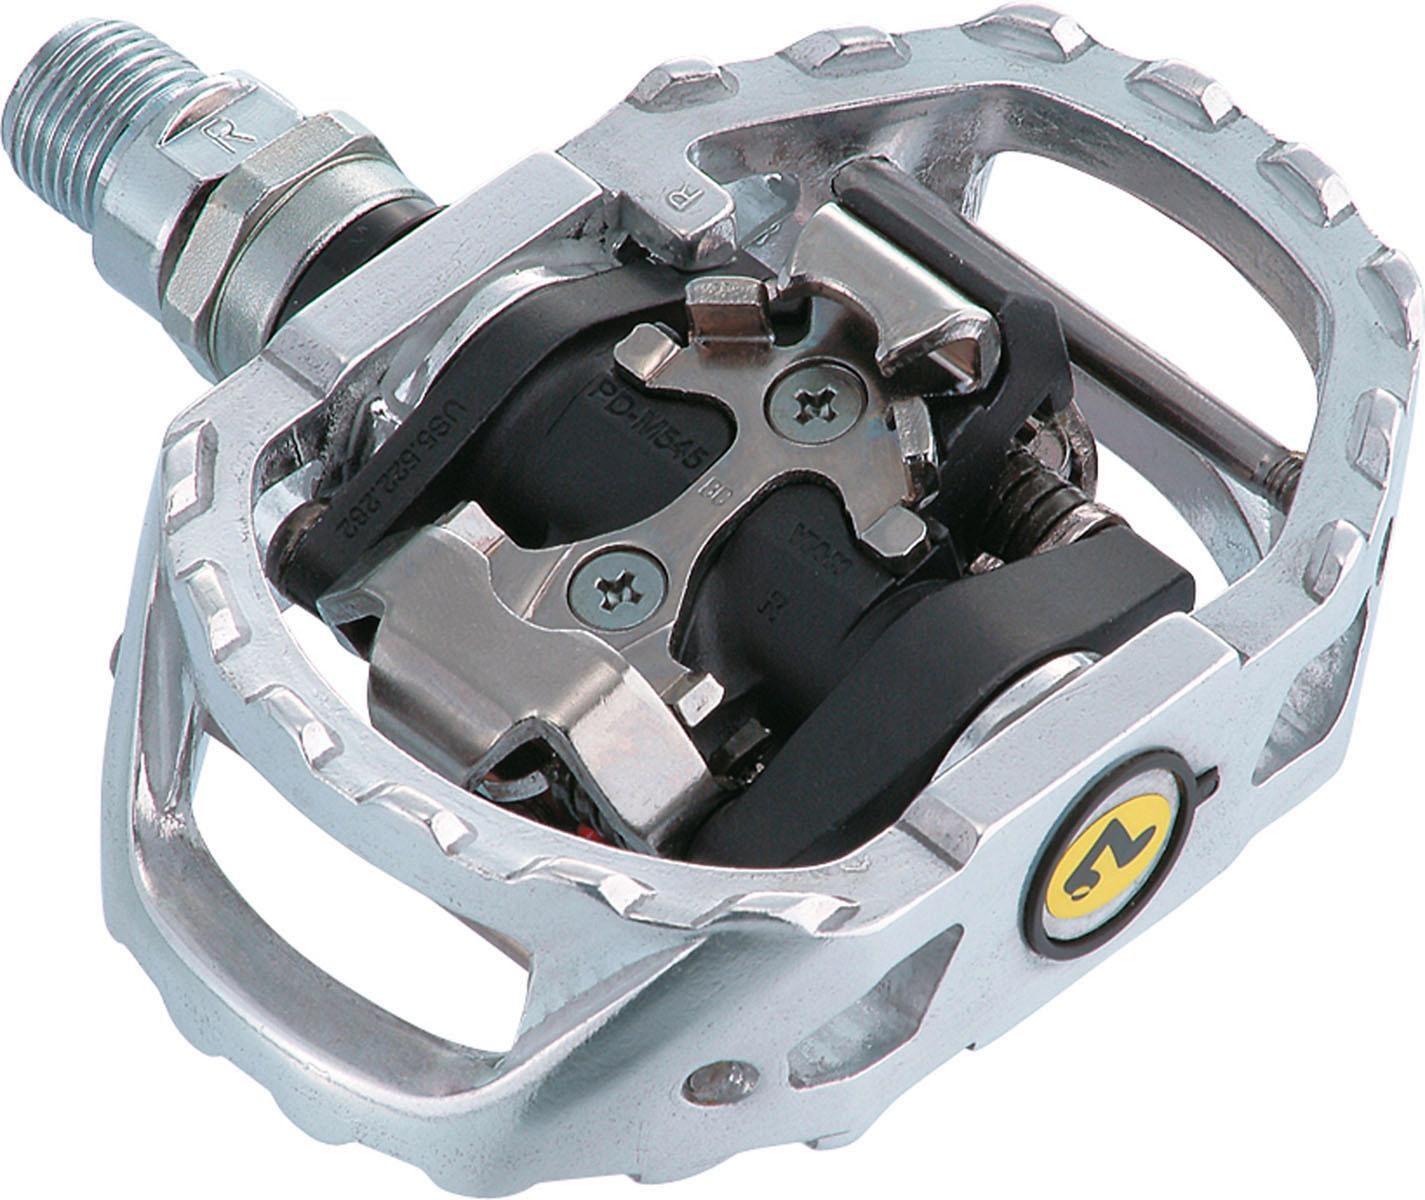 Shimano Klickpedale PD-M545 Technik & Freizeit/Sport & Freizeit/Fahrräder & Zubehör/Fahrradzubehör/Fahrradteile/Fahrradpedale